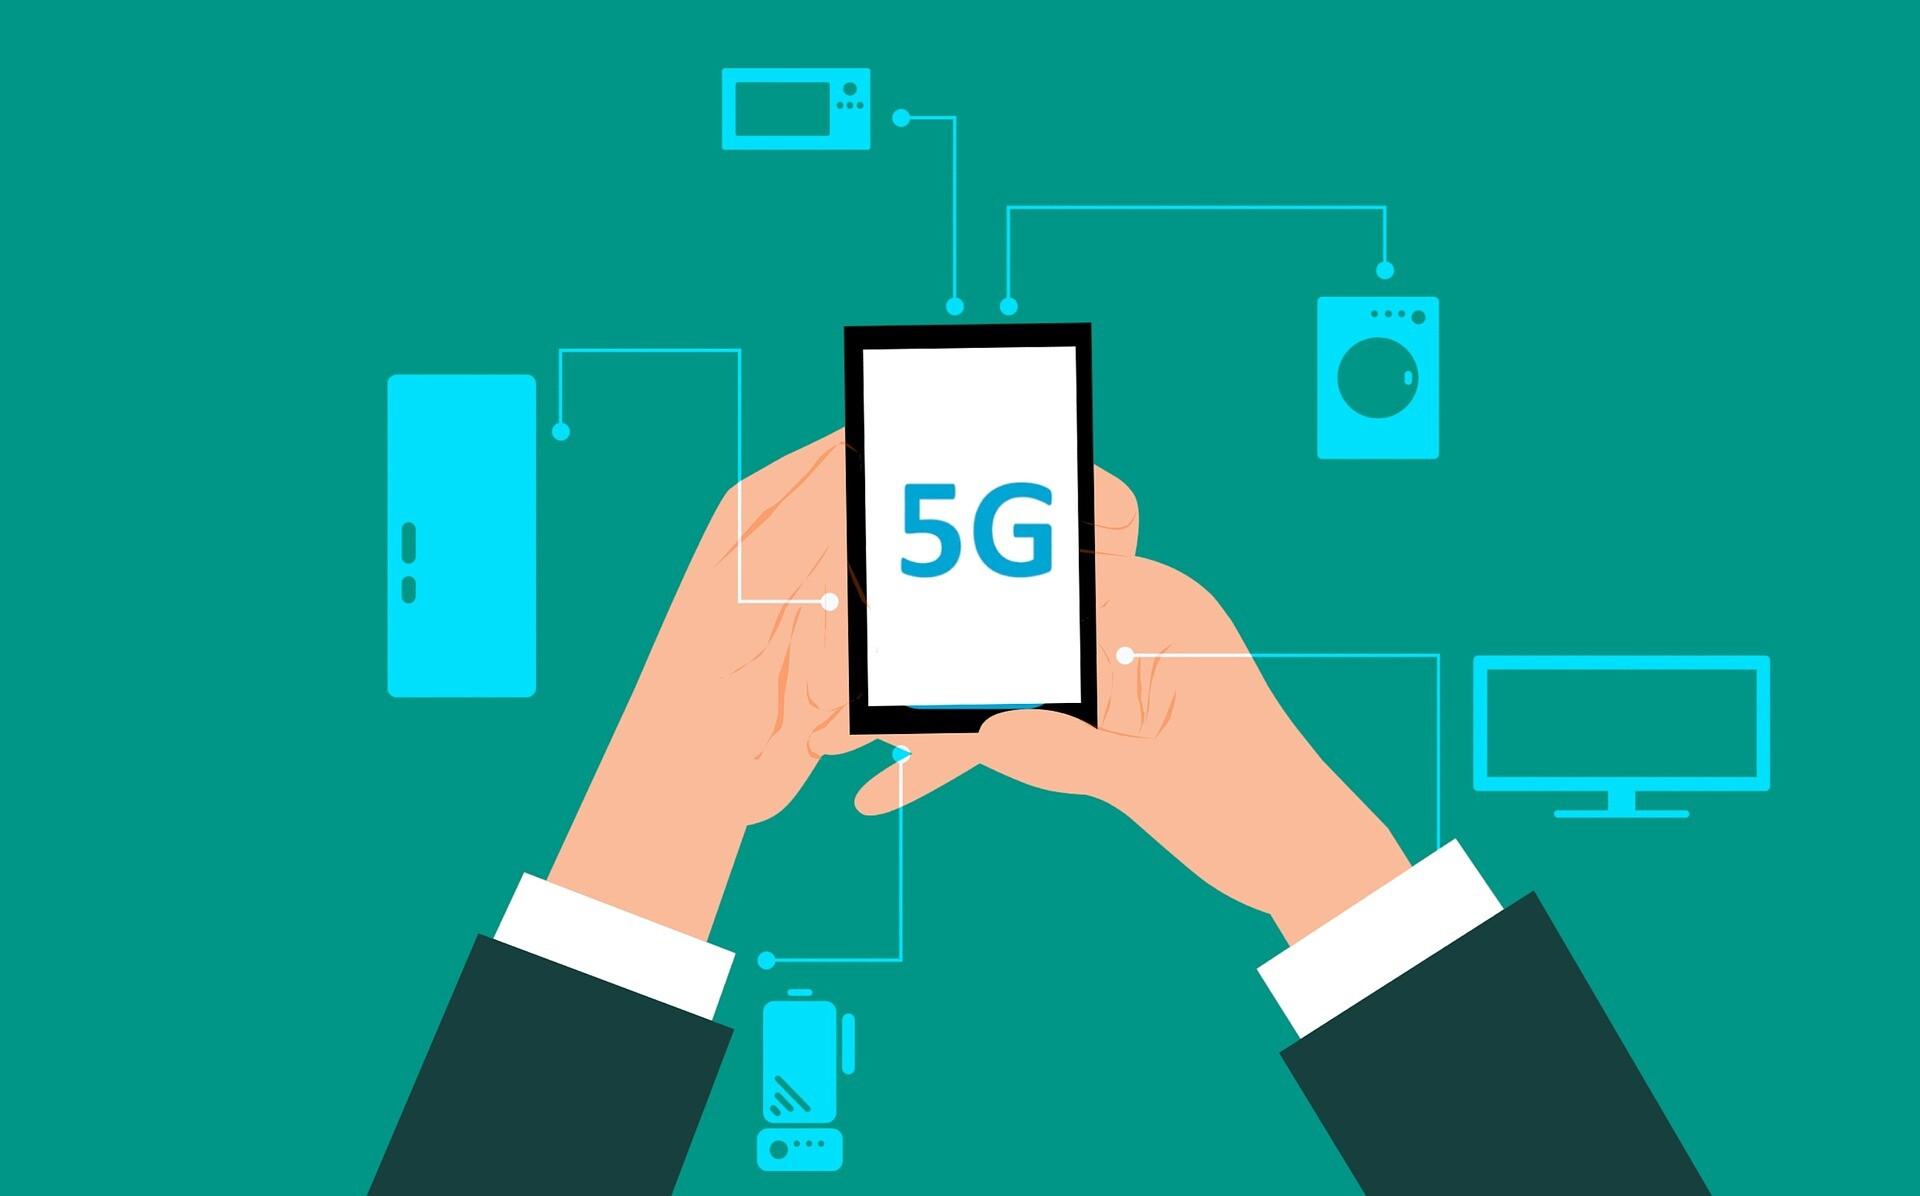 [마소캠퍼스] 5G가 모바일 앱 혁신을 위한 토대를 어떻게 마련할까요?